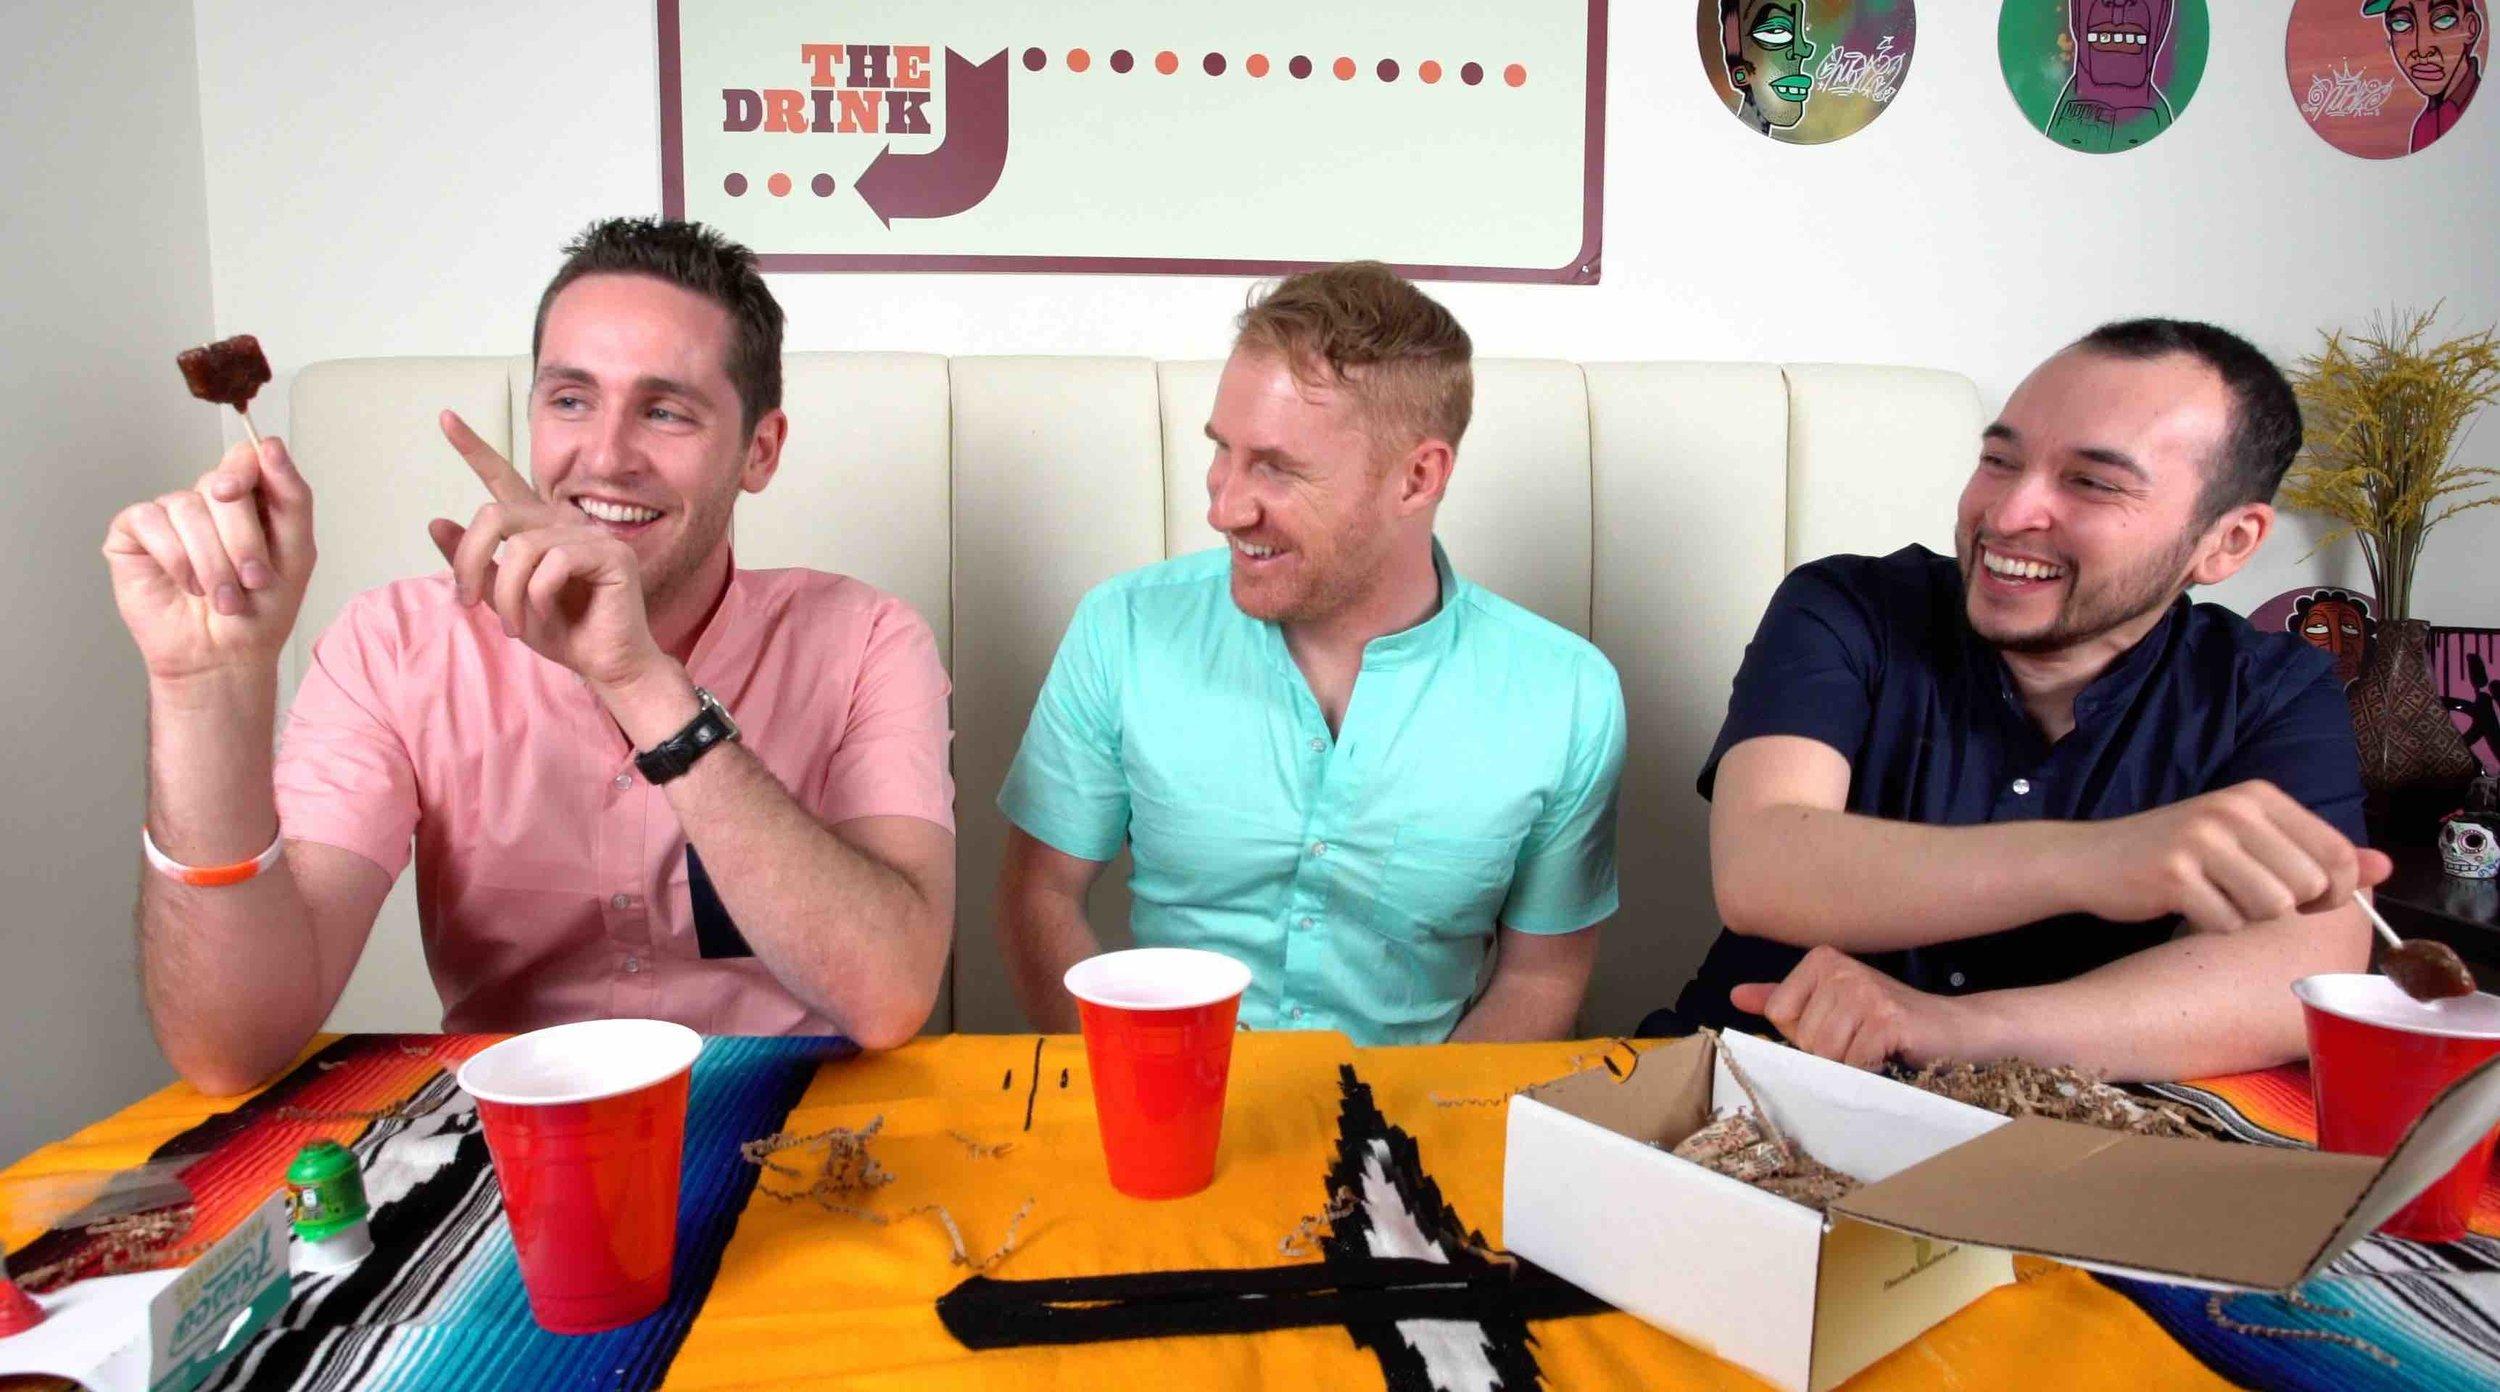 Guys In Rompers Group Video.jpg